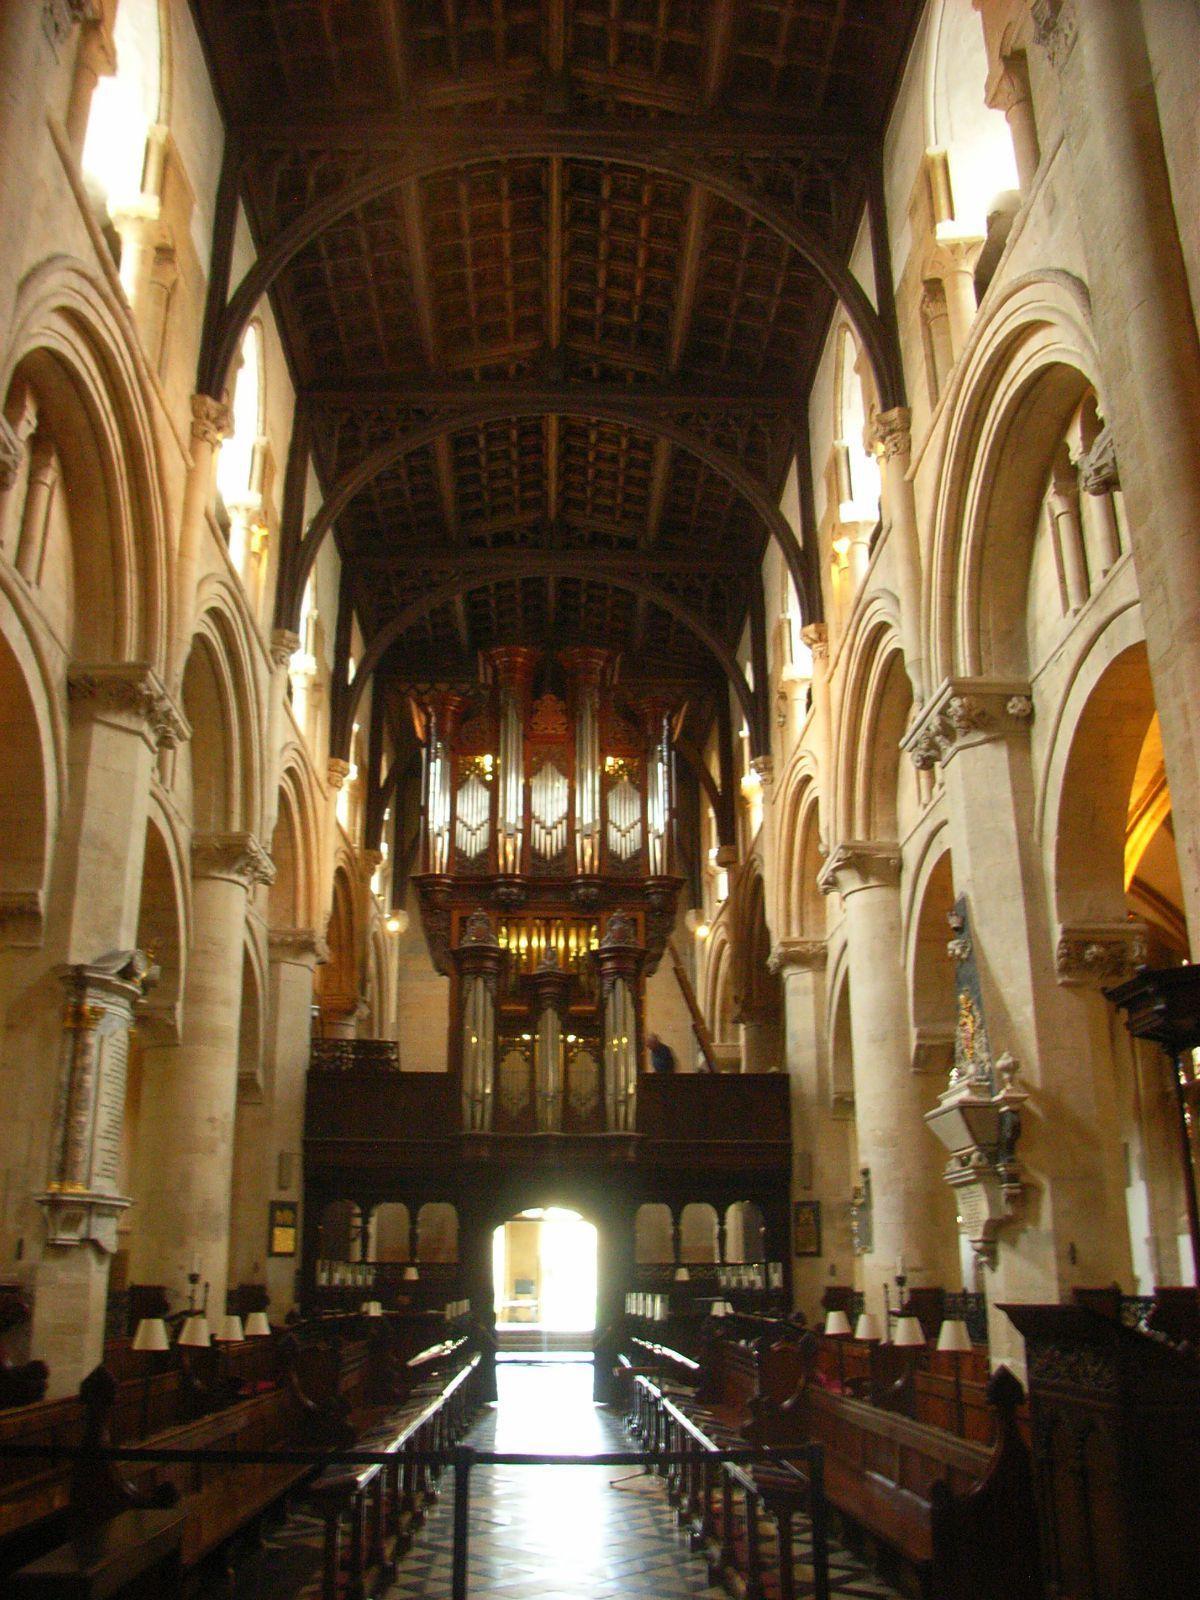 这个教堂还有管风琴!好豪华高端洋气